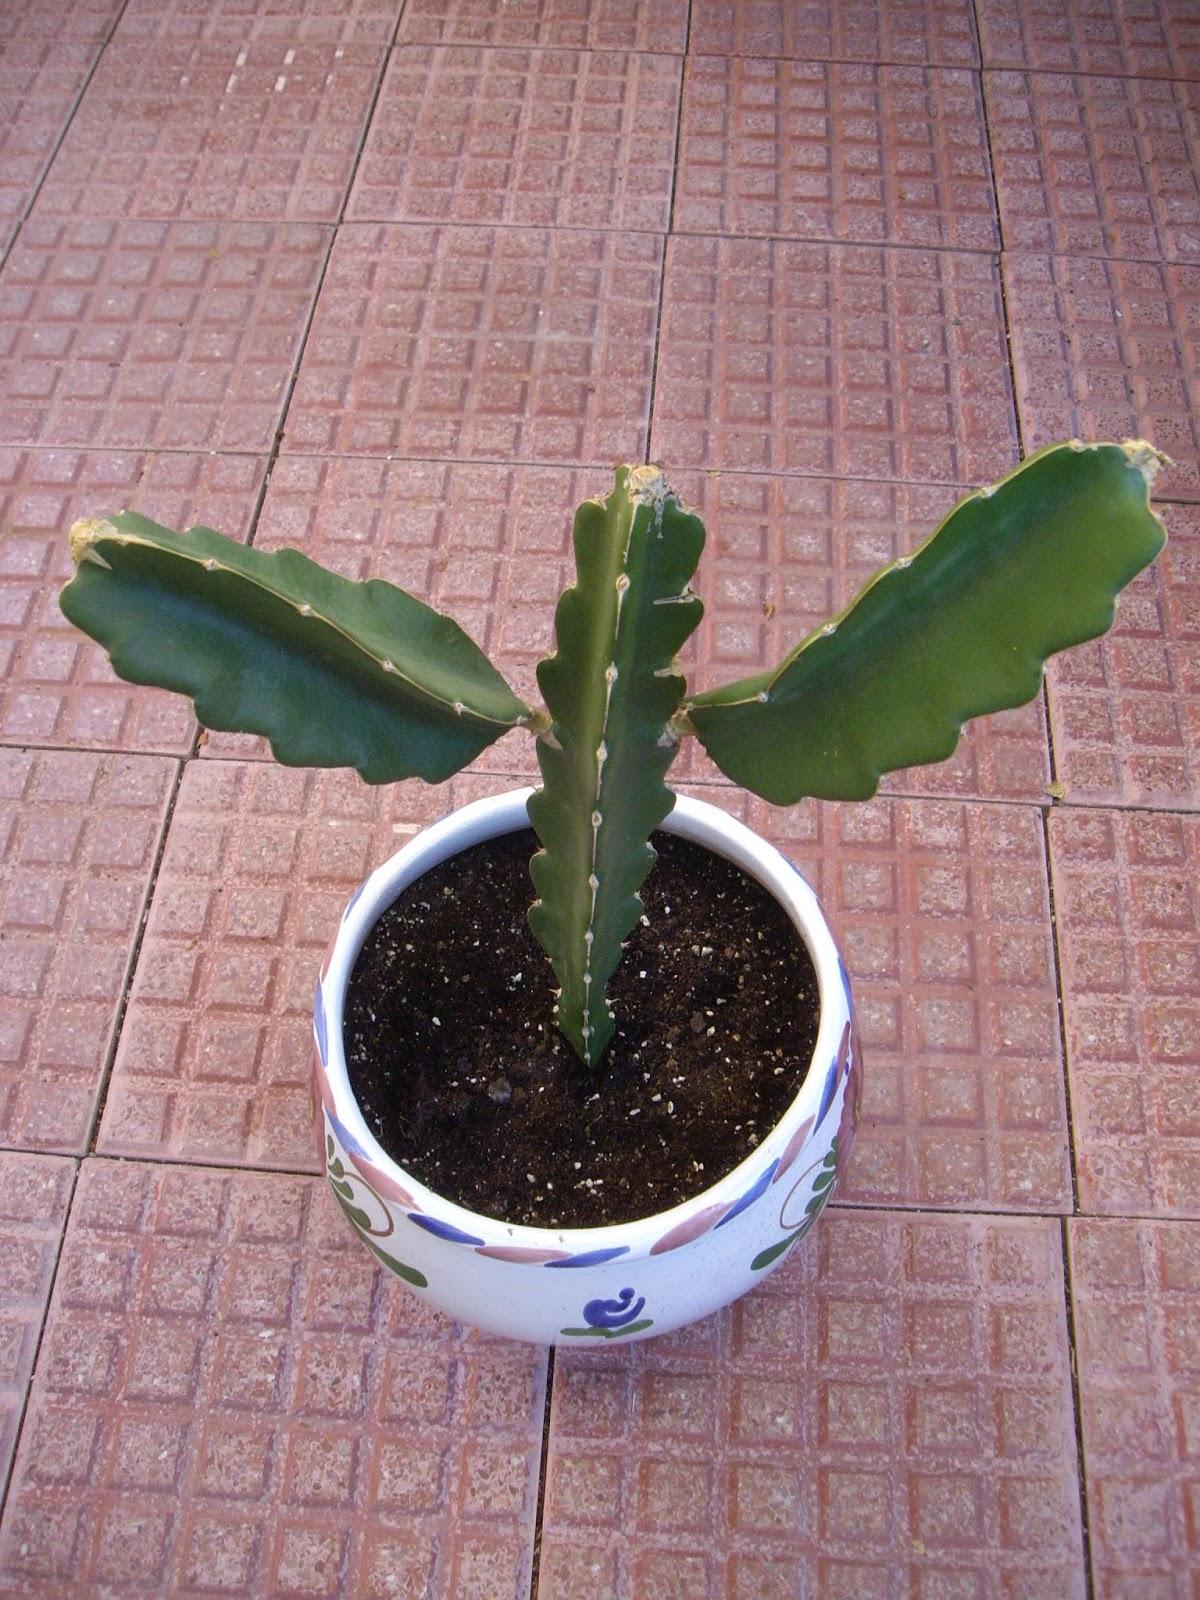 La mar de verde septiembre 2013 for Nombres de cactus